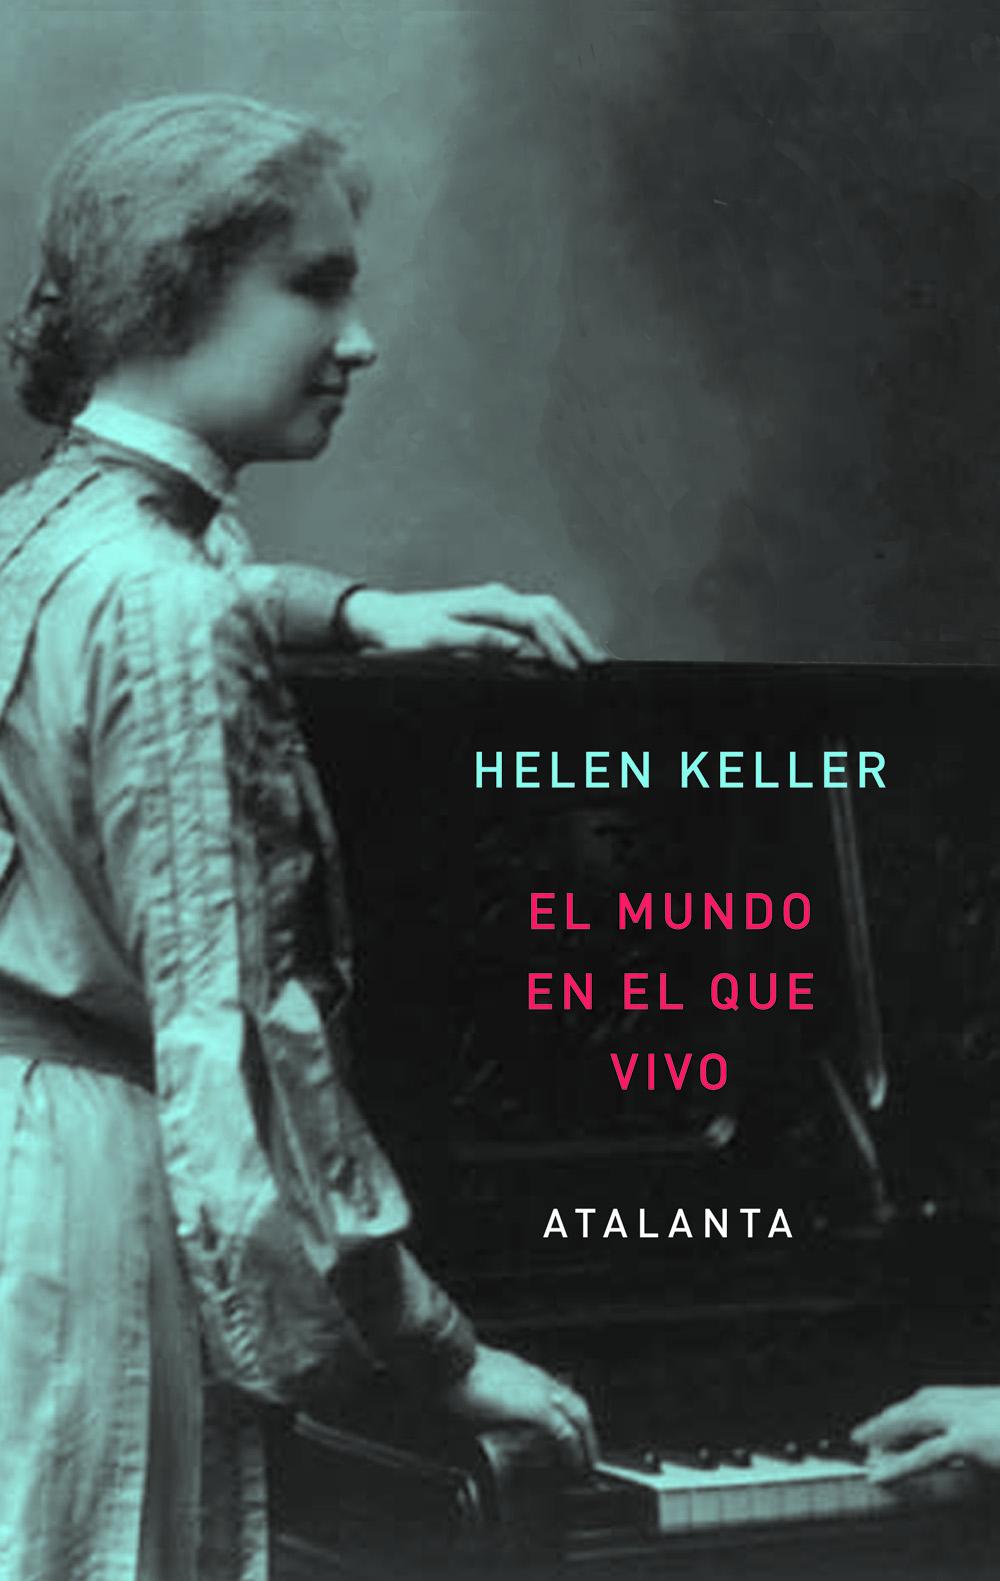 El mundo en el que vivo / Helen Keller